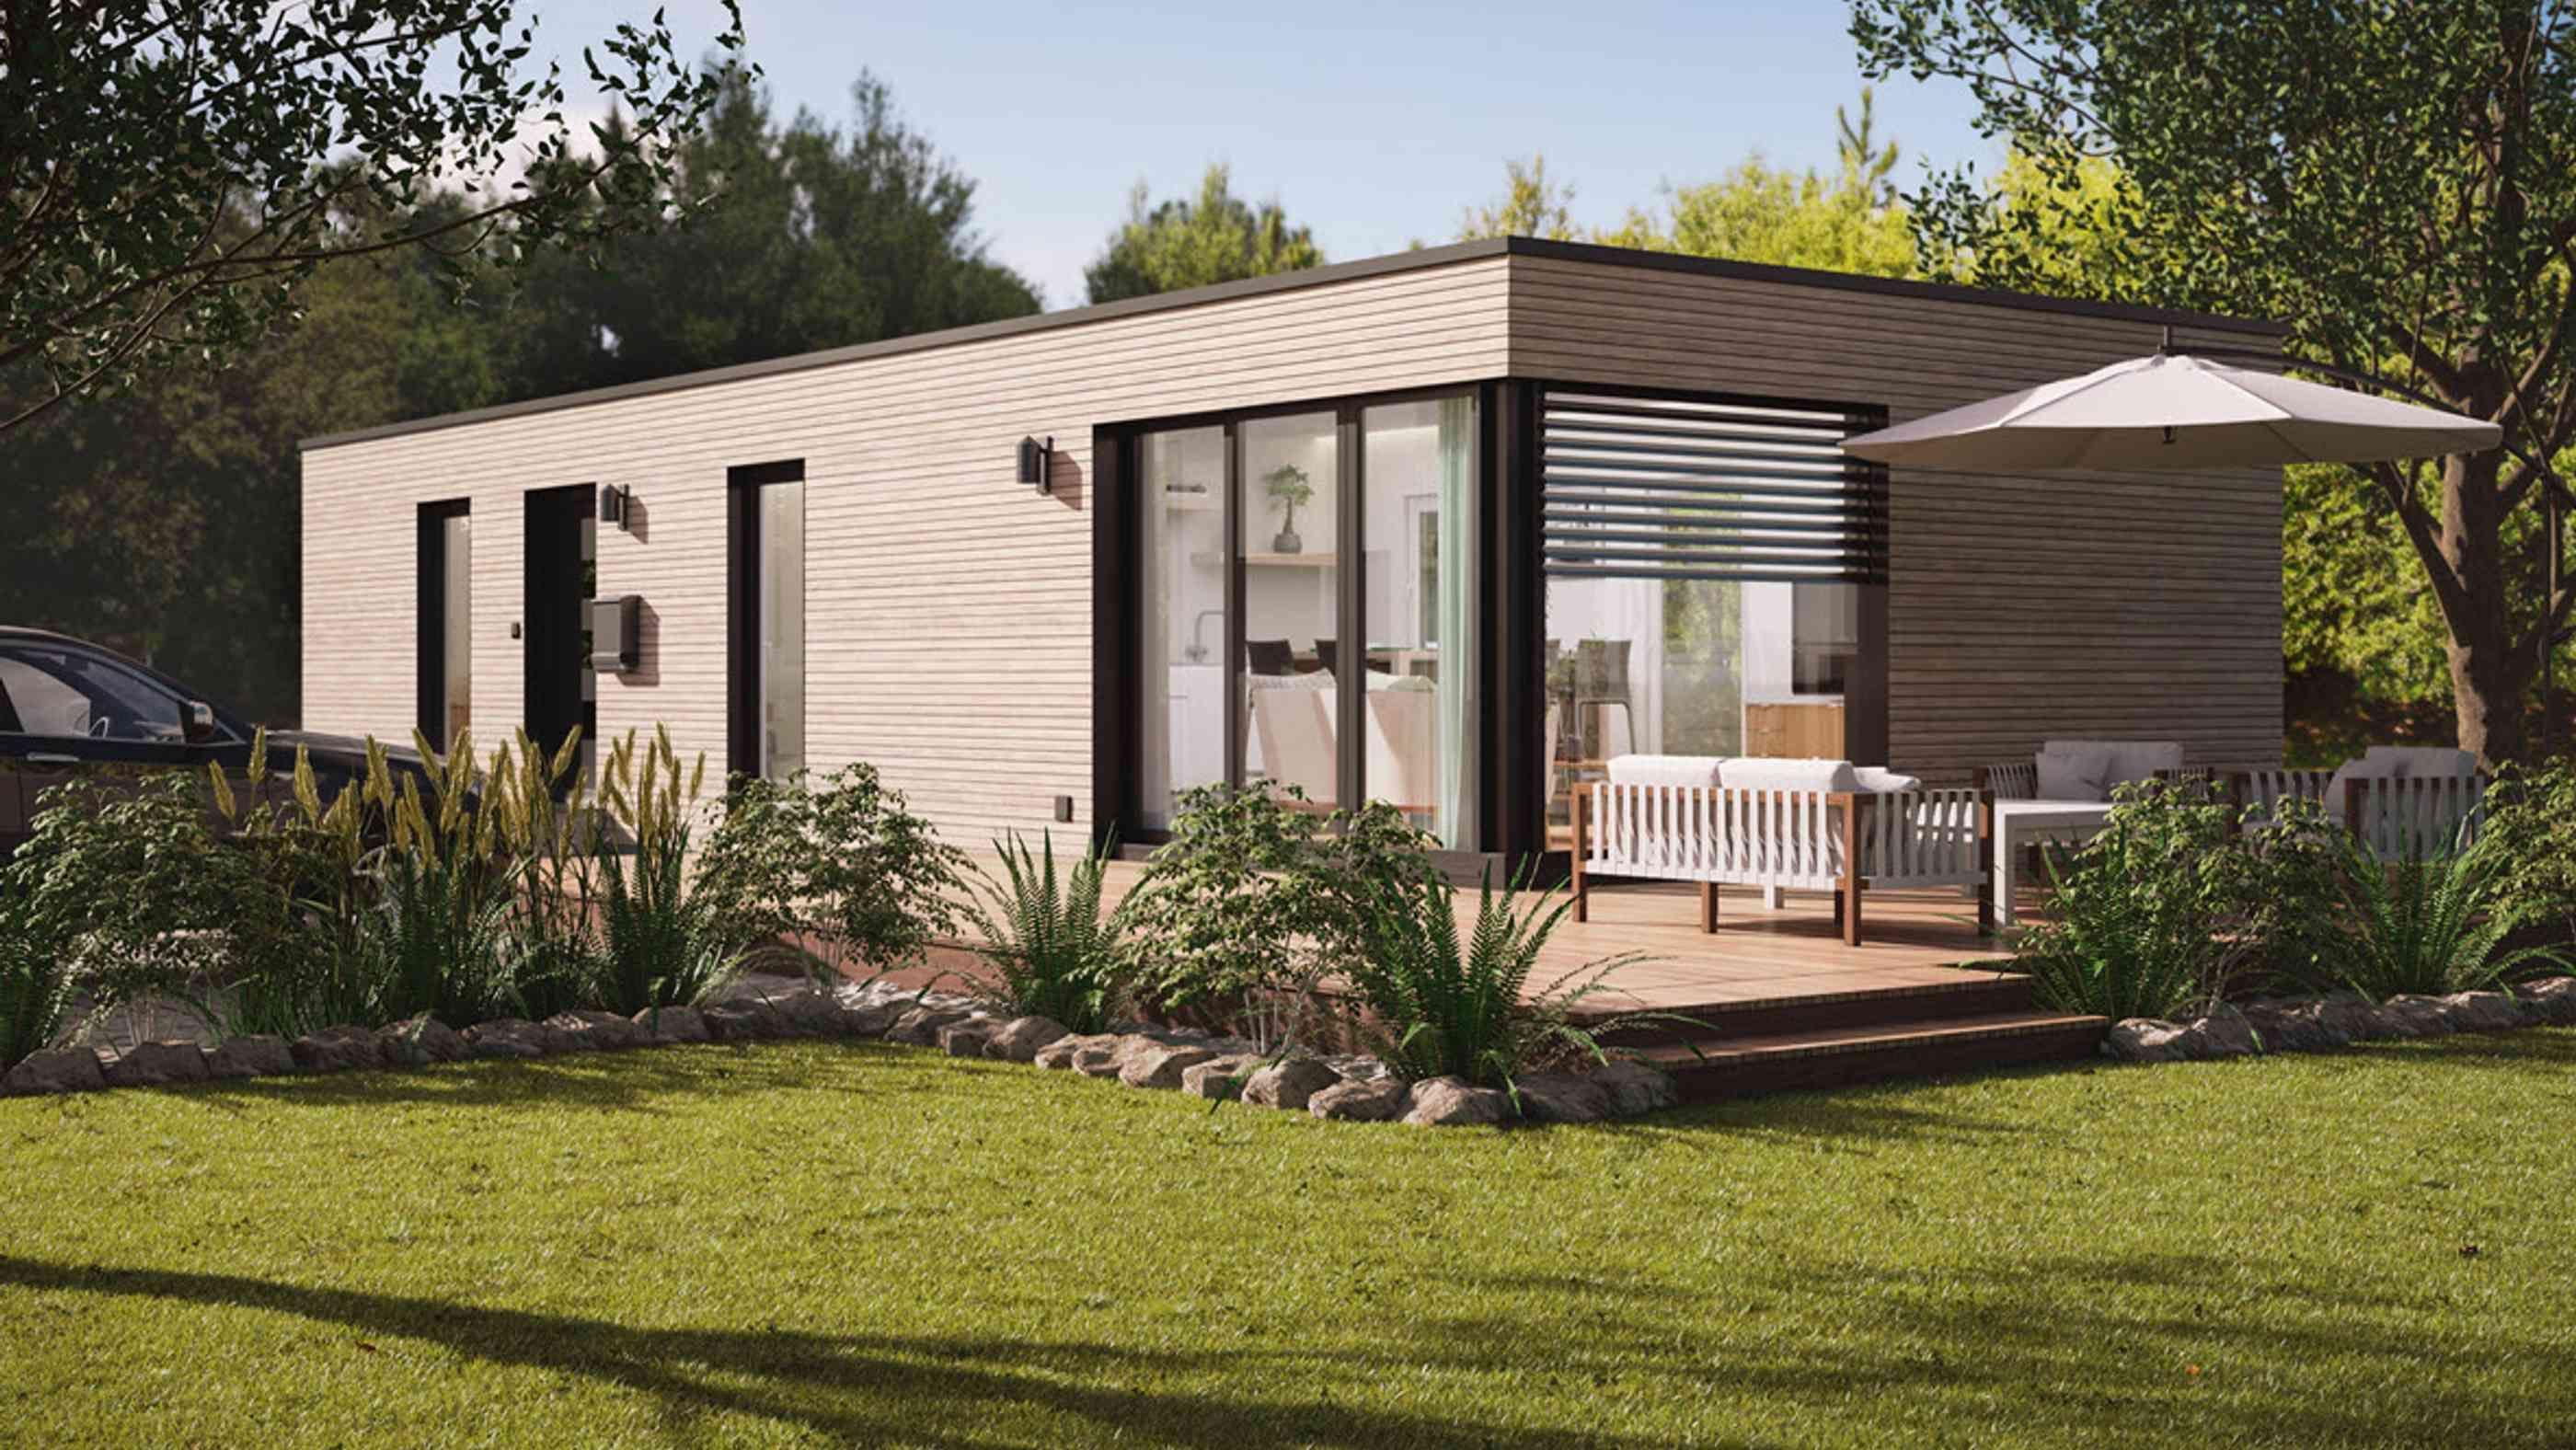 Minihaus Anbieter Hier Gibt S Kleine Hauser Unter 100 Quadratmeter Minihaus Haus Outdoor Dekorationen